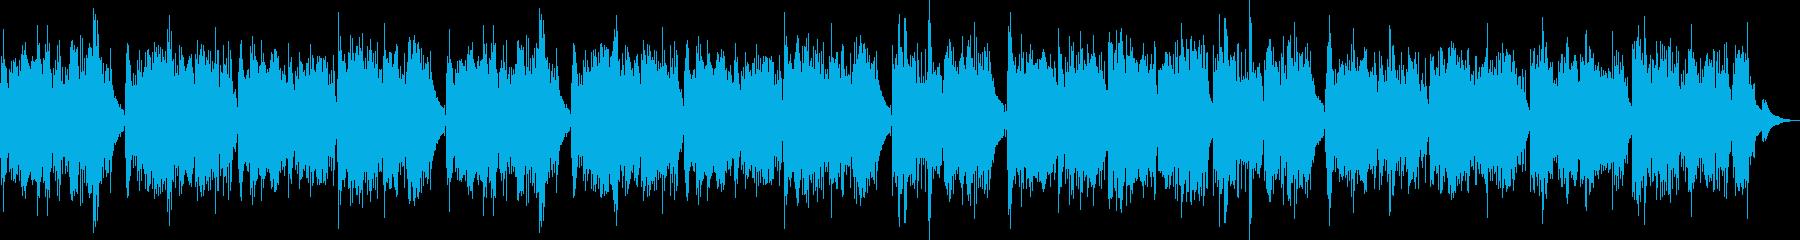 森林の中を表現したギターソロの再生済みの波形